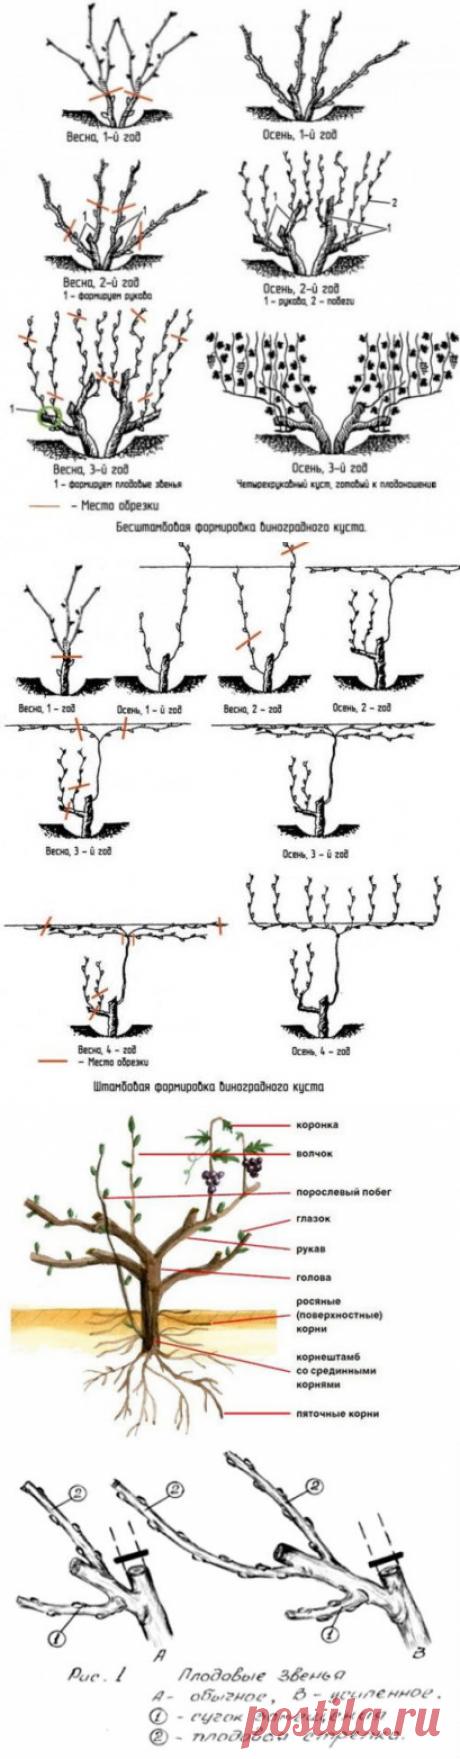 Как правильно обрезать виноград весной для начинающих, схема, фото. Как правильно обрезать виноград весной